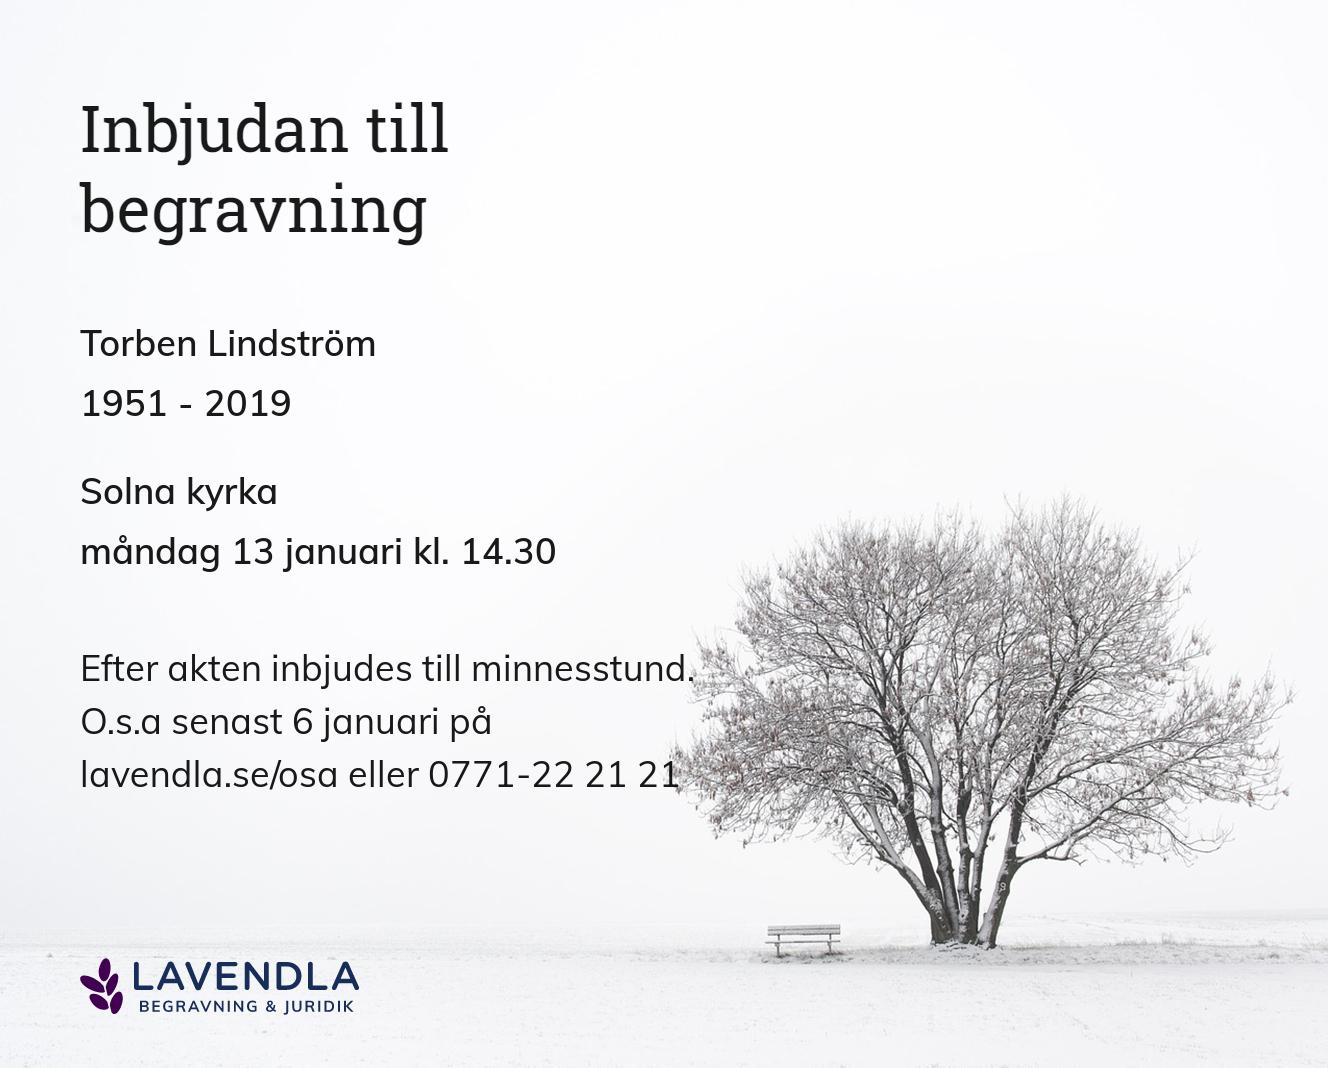 Inbjudningskort till ceremonin för Torben Lindström